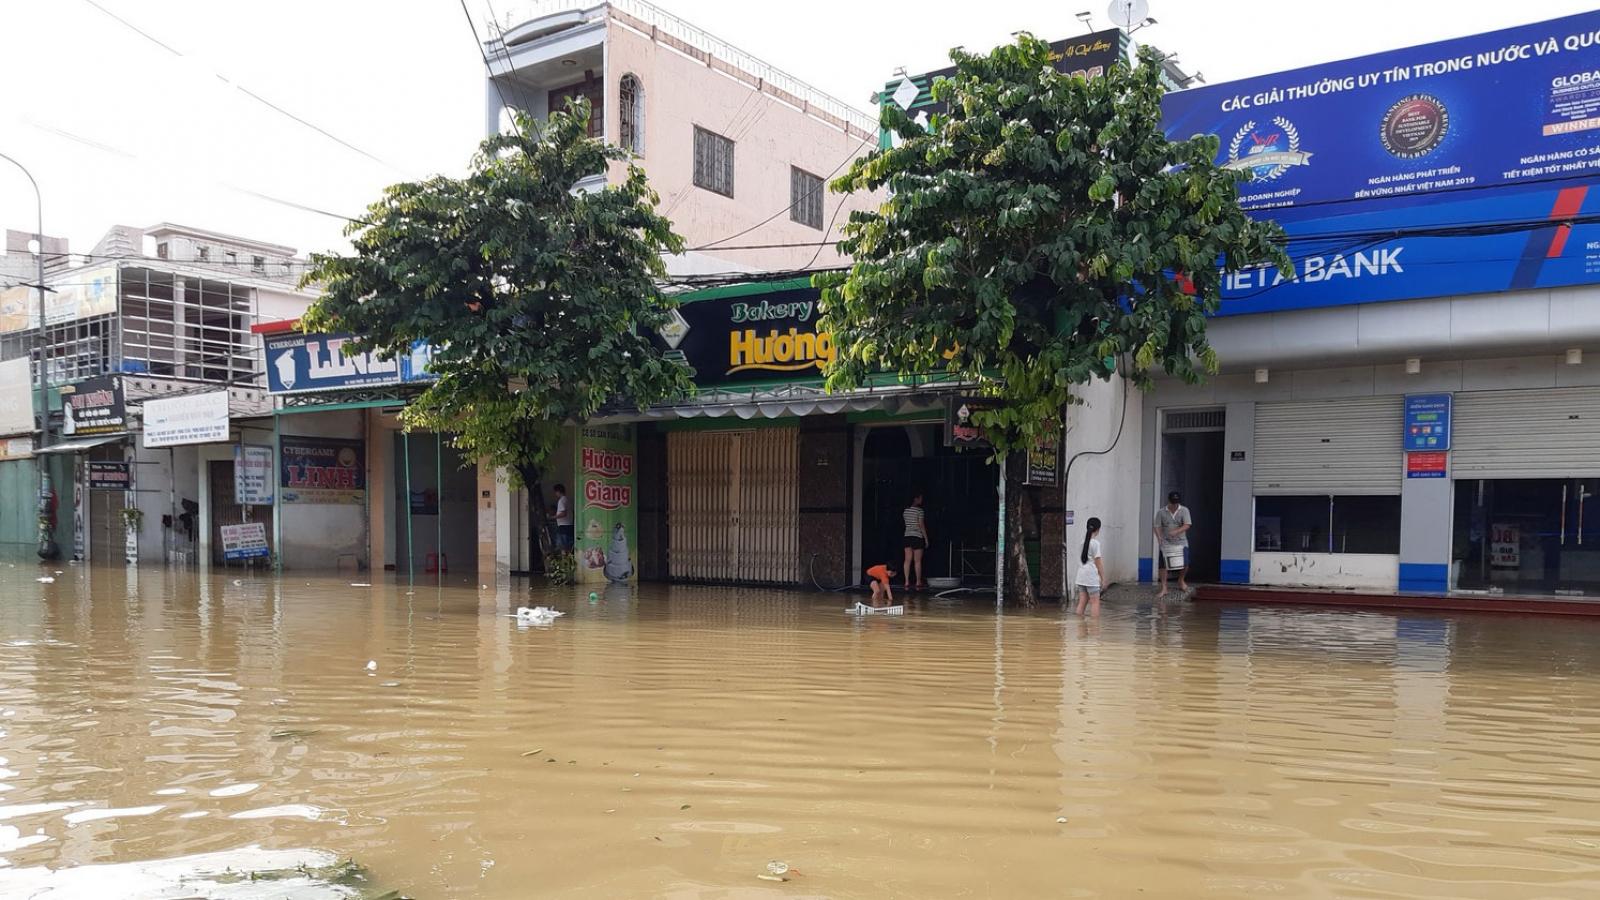 Mưa lũ ở Quảng Nam khiến 7 người chết, 3 người mất tích